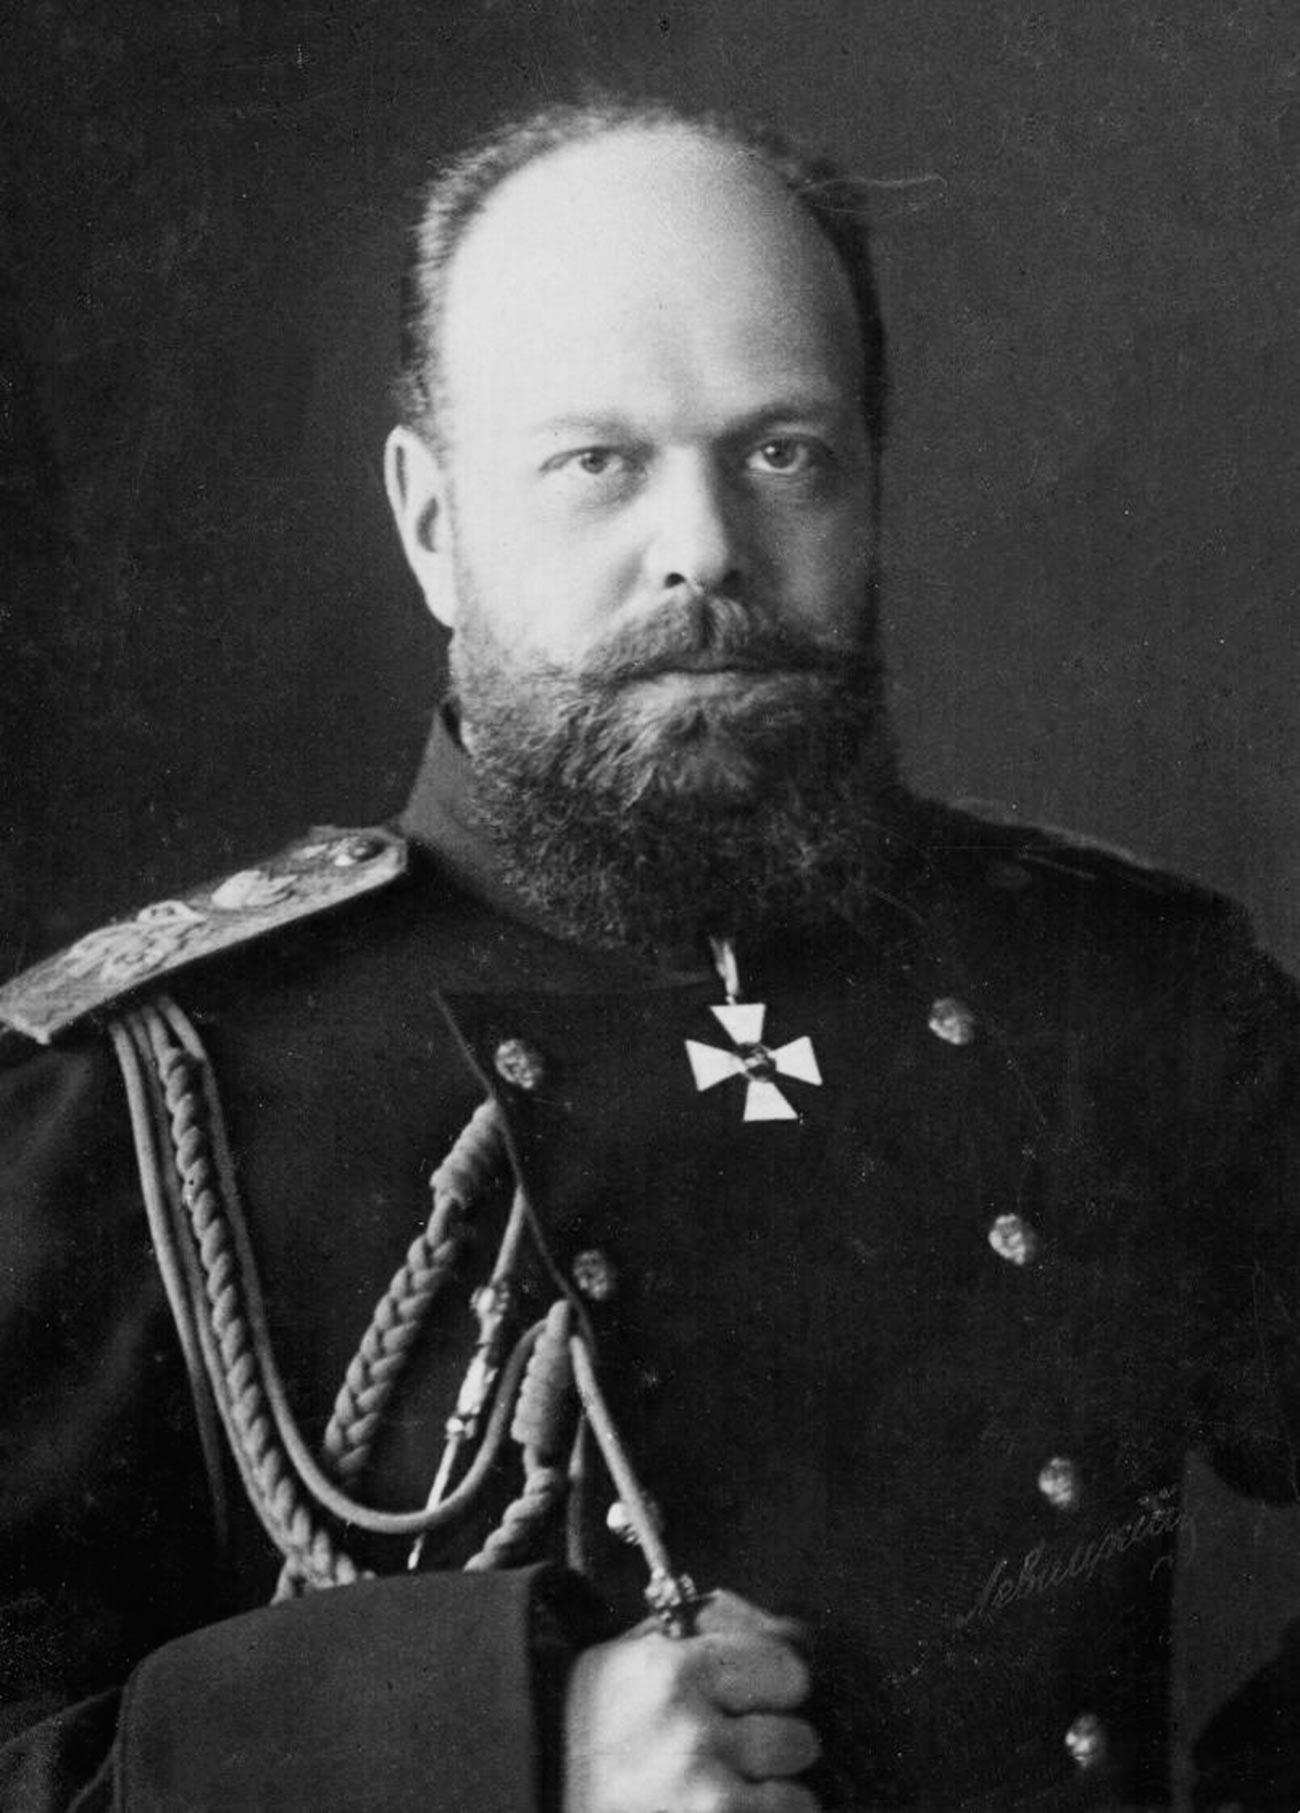 Alexander III, Emperor of Russia